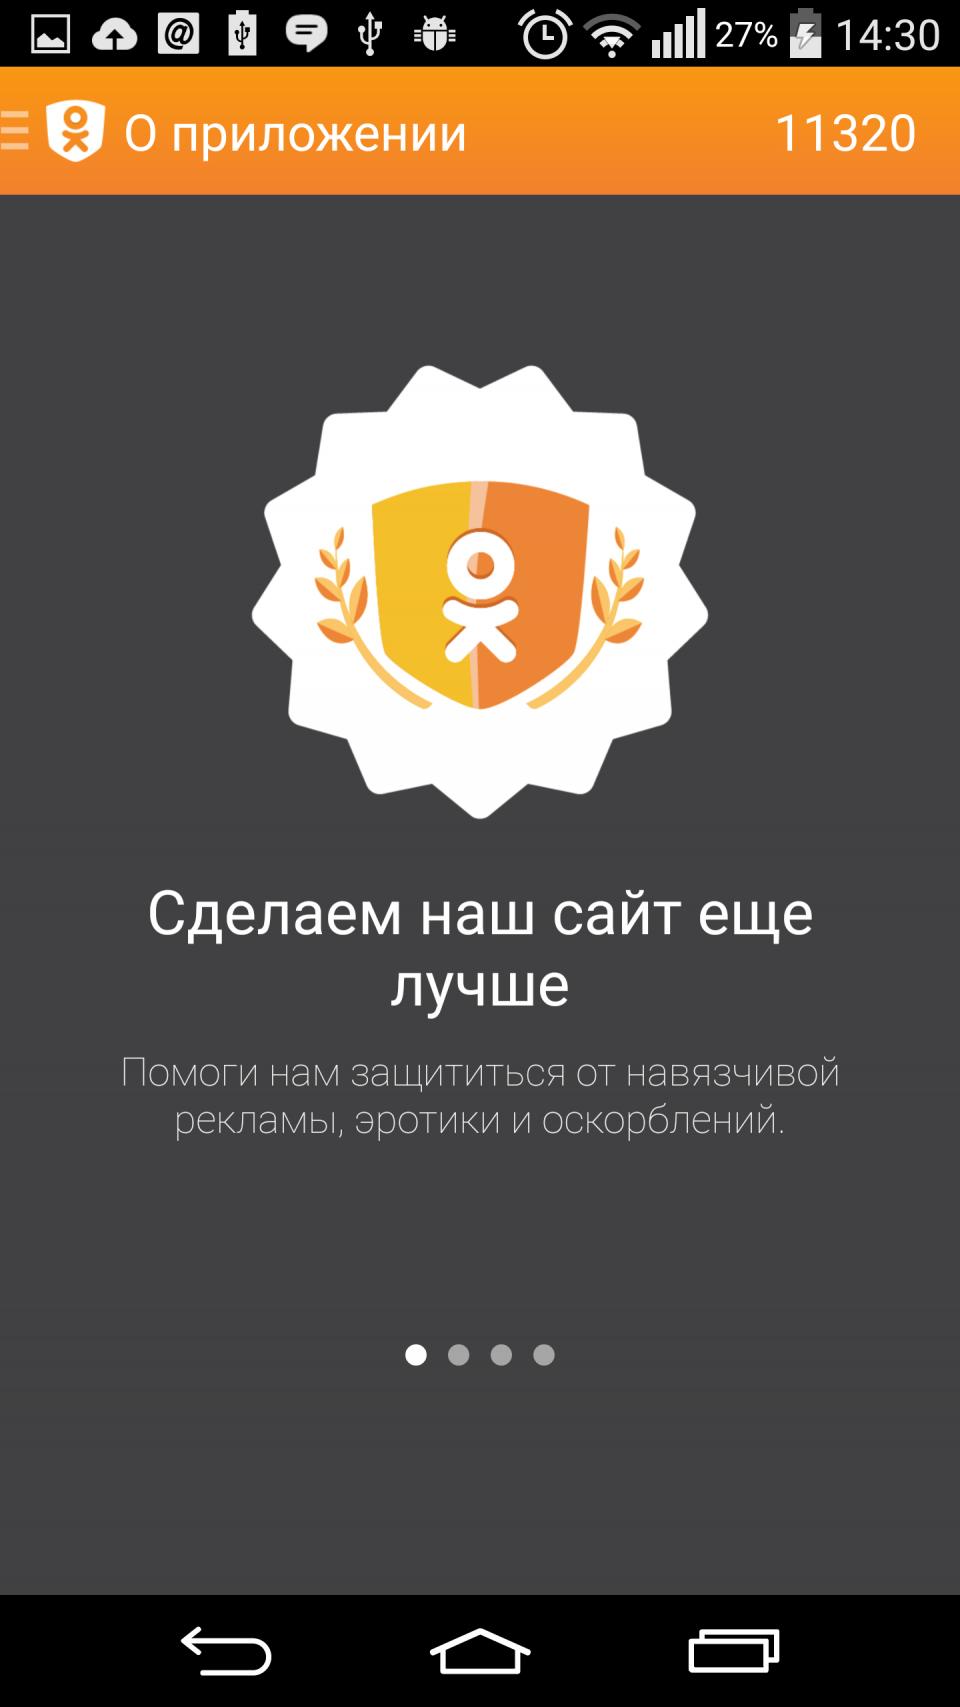 Модератор Одноклассников